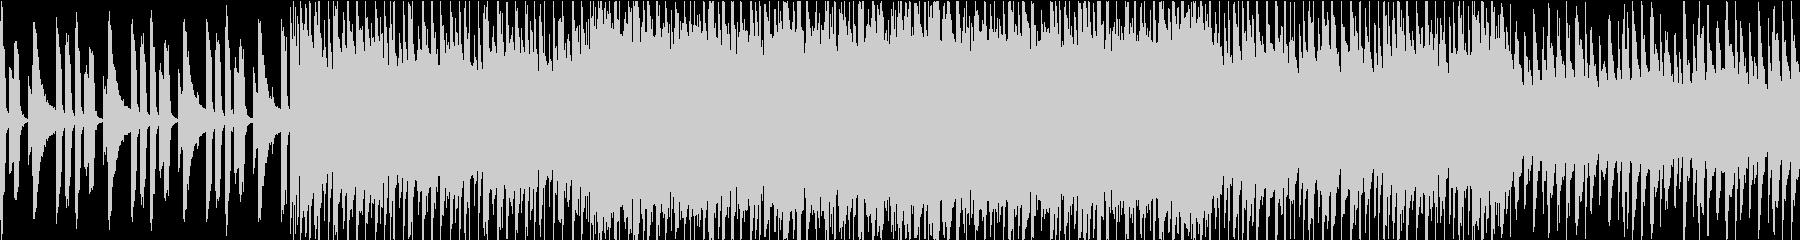 【日常系】ピアノでほのぼの&ワクワク感の未再生の波形